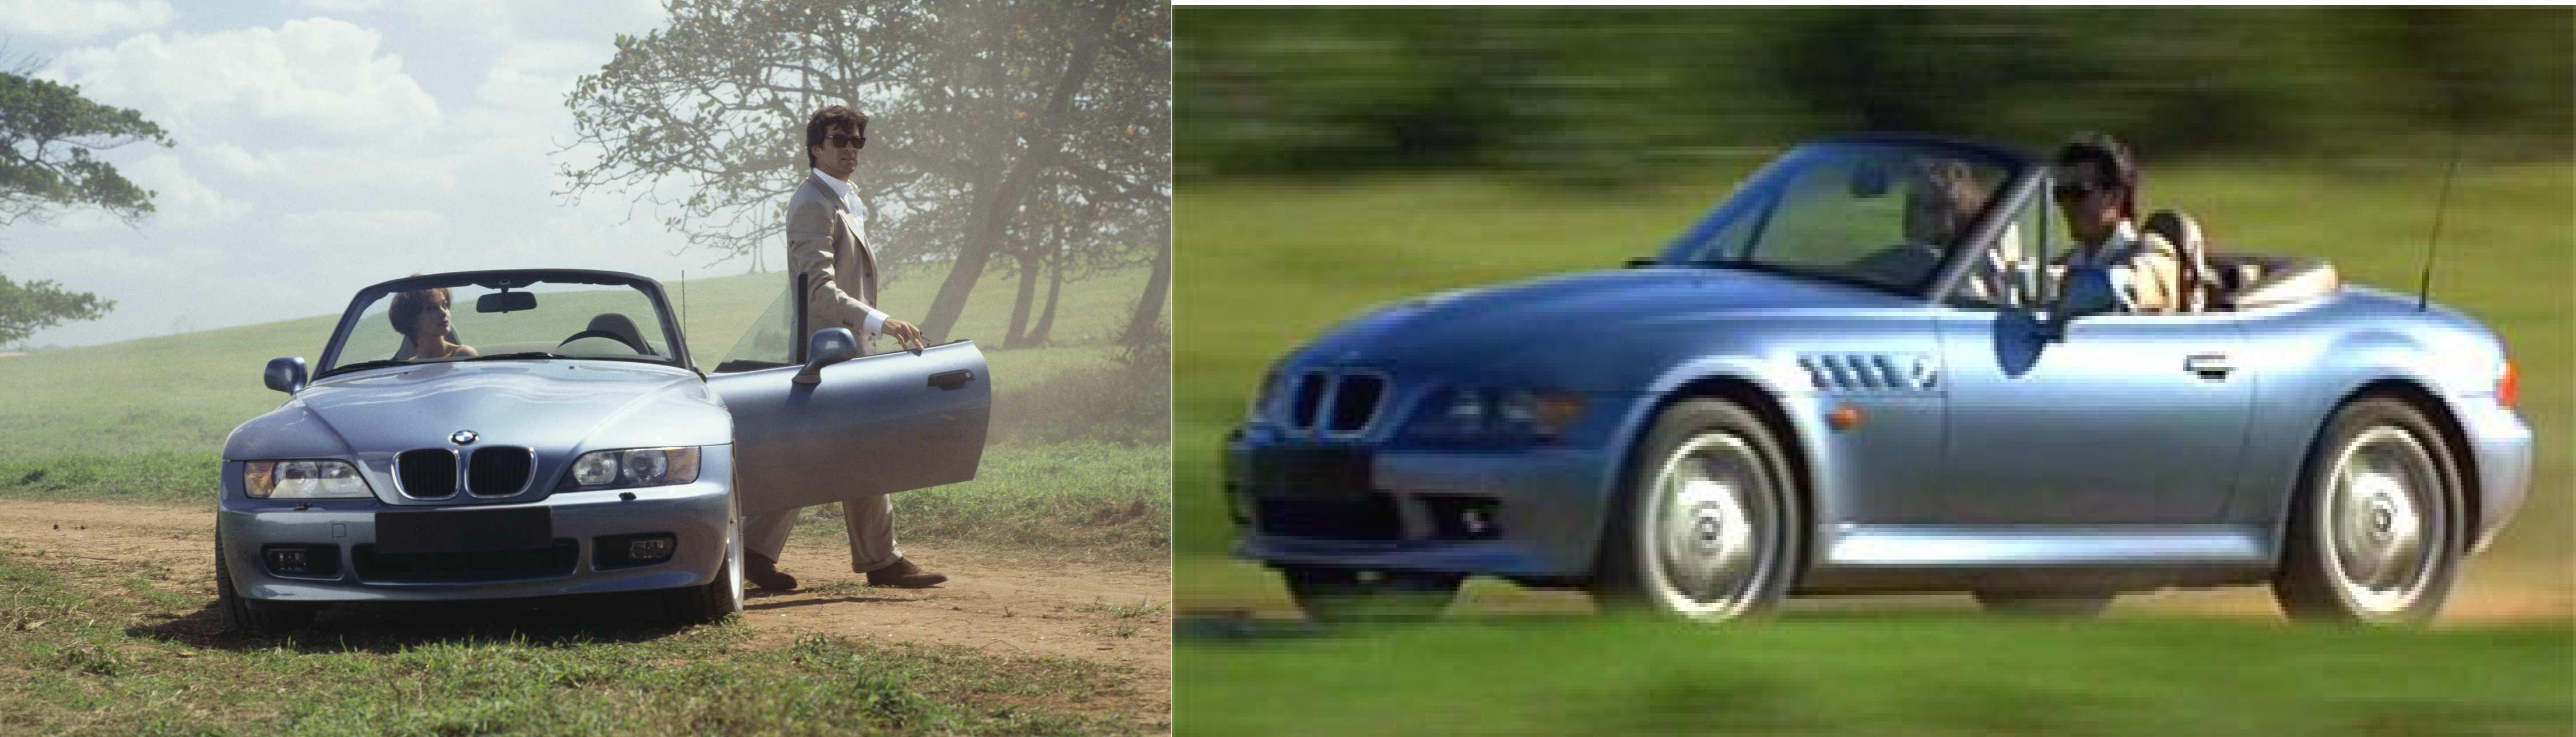 Автомобили Агента 007 все модели автомобилей самого знаменитого агента М6